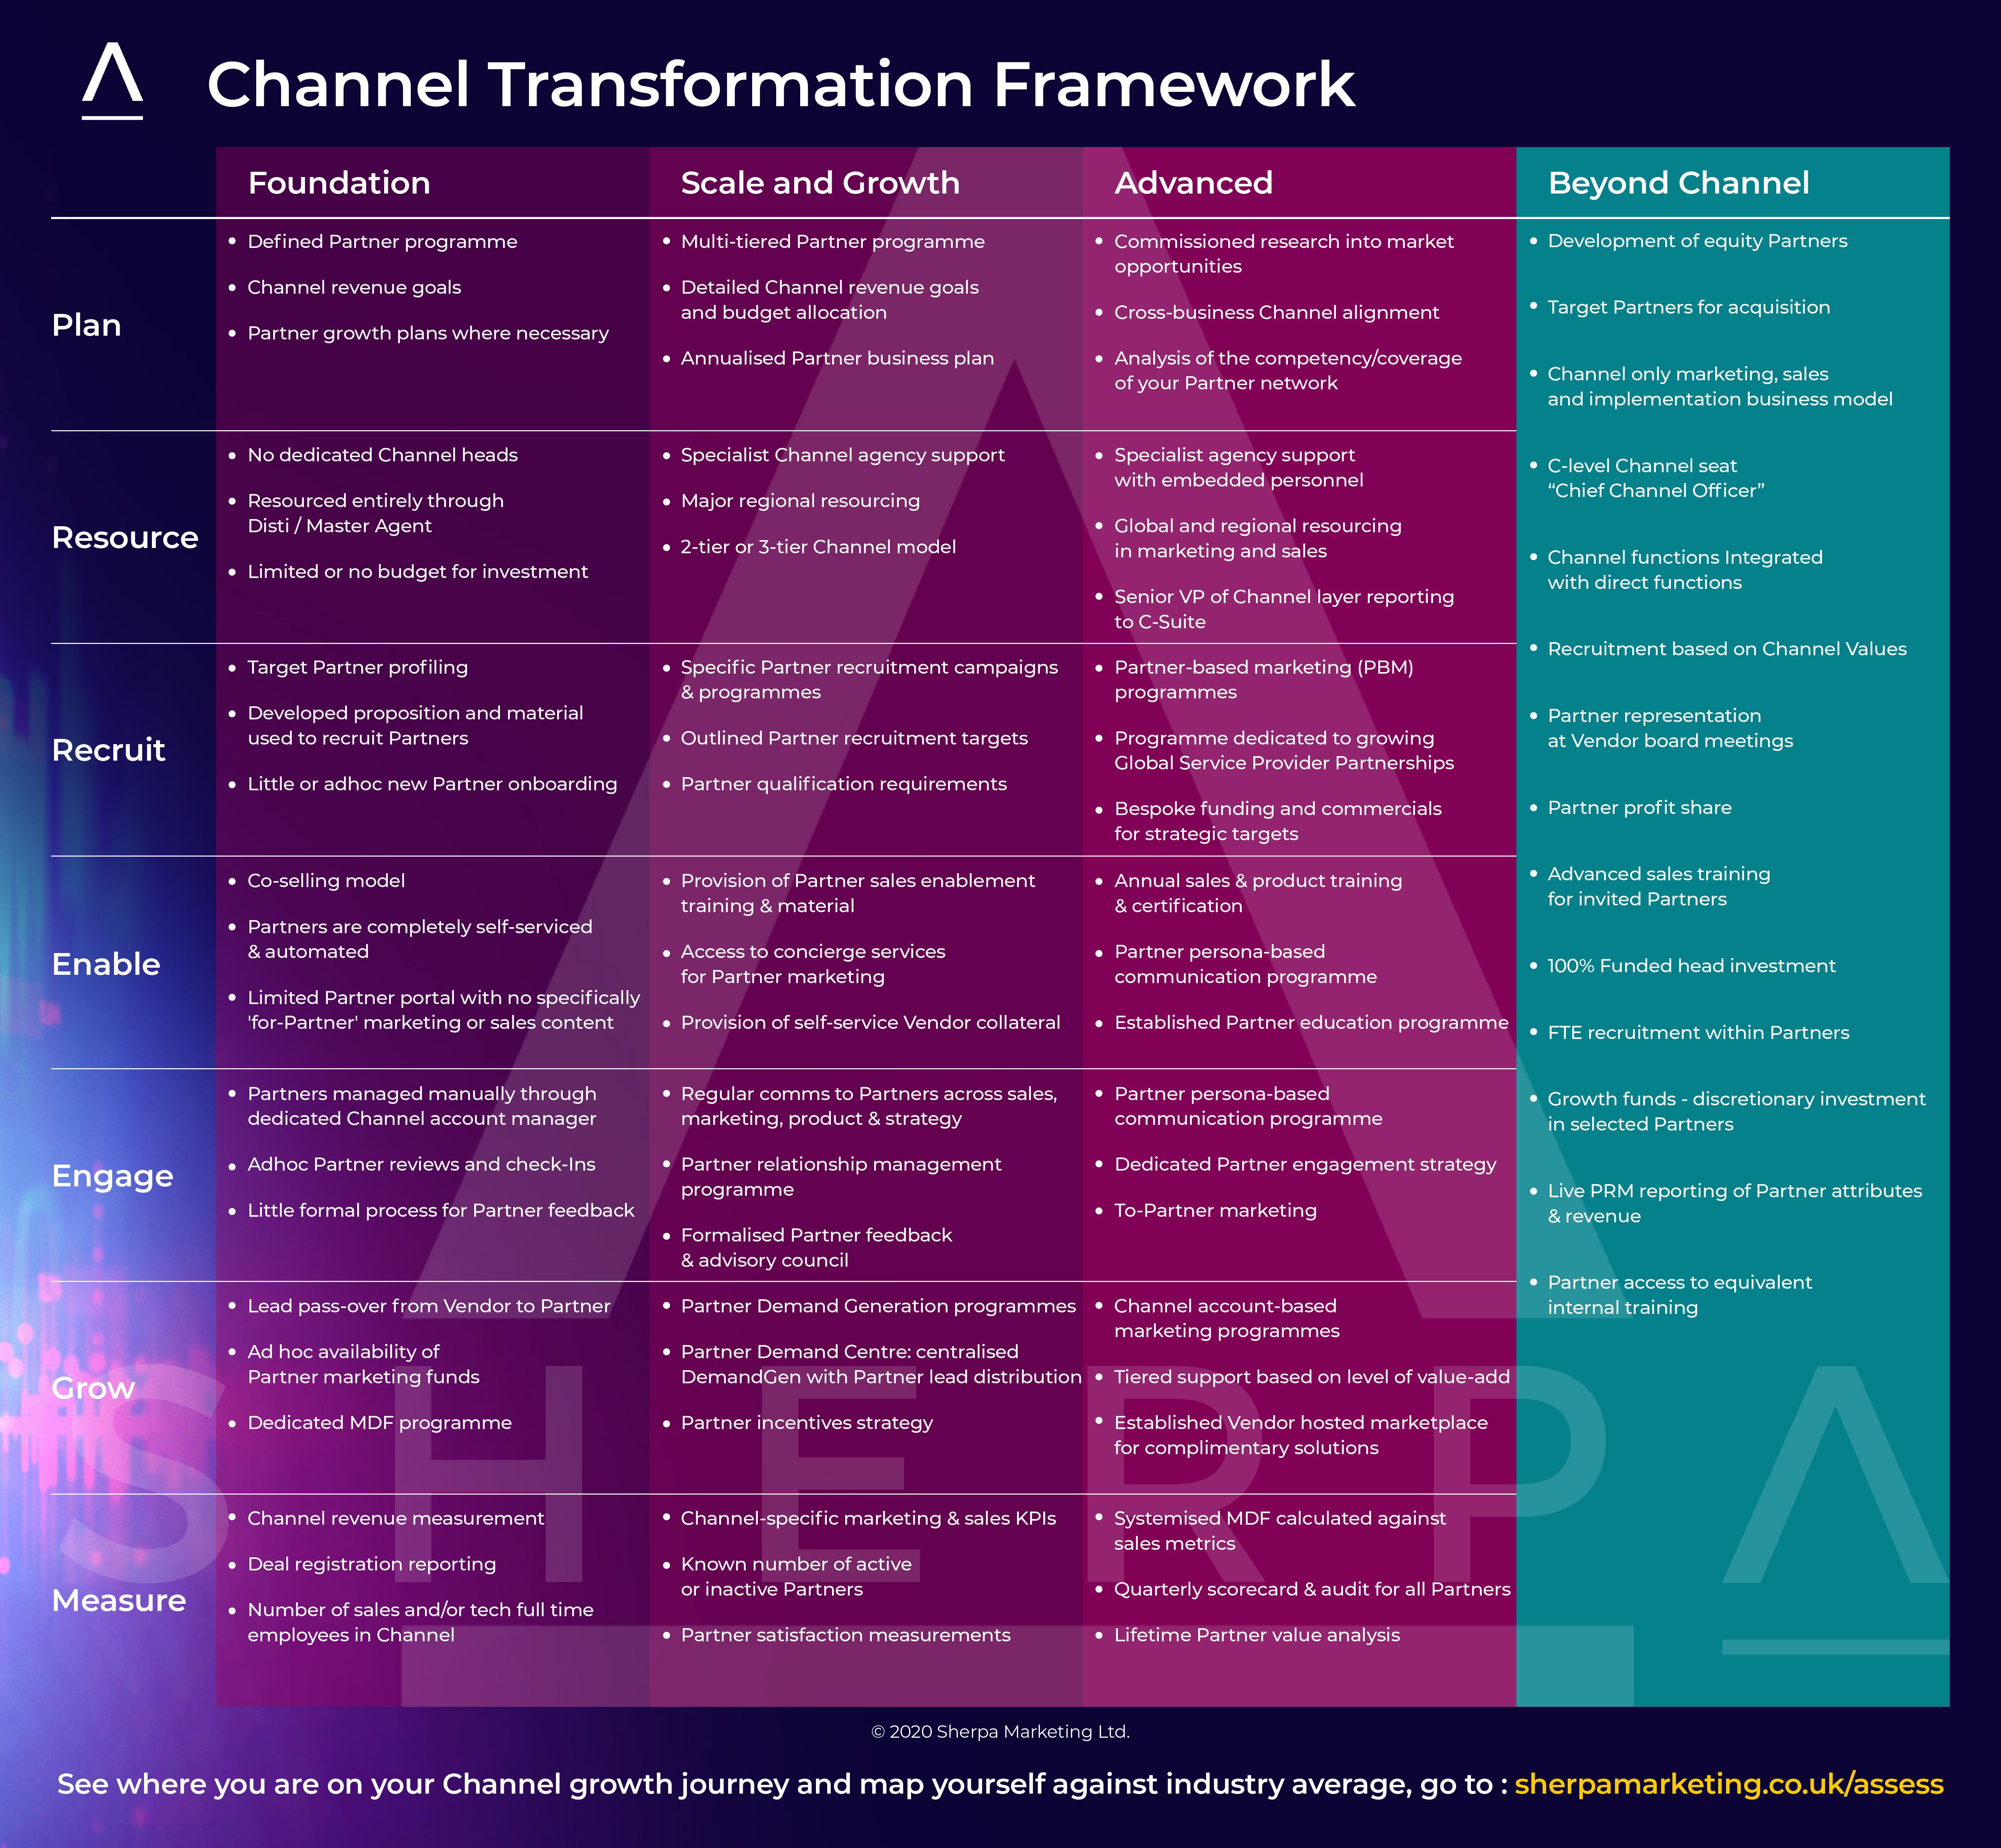 Sherpa_ChannelTransformationModel_Framework